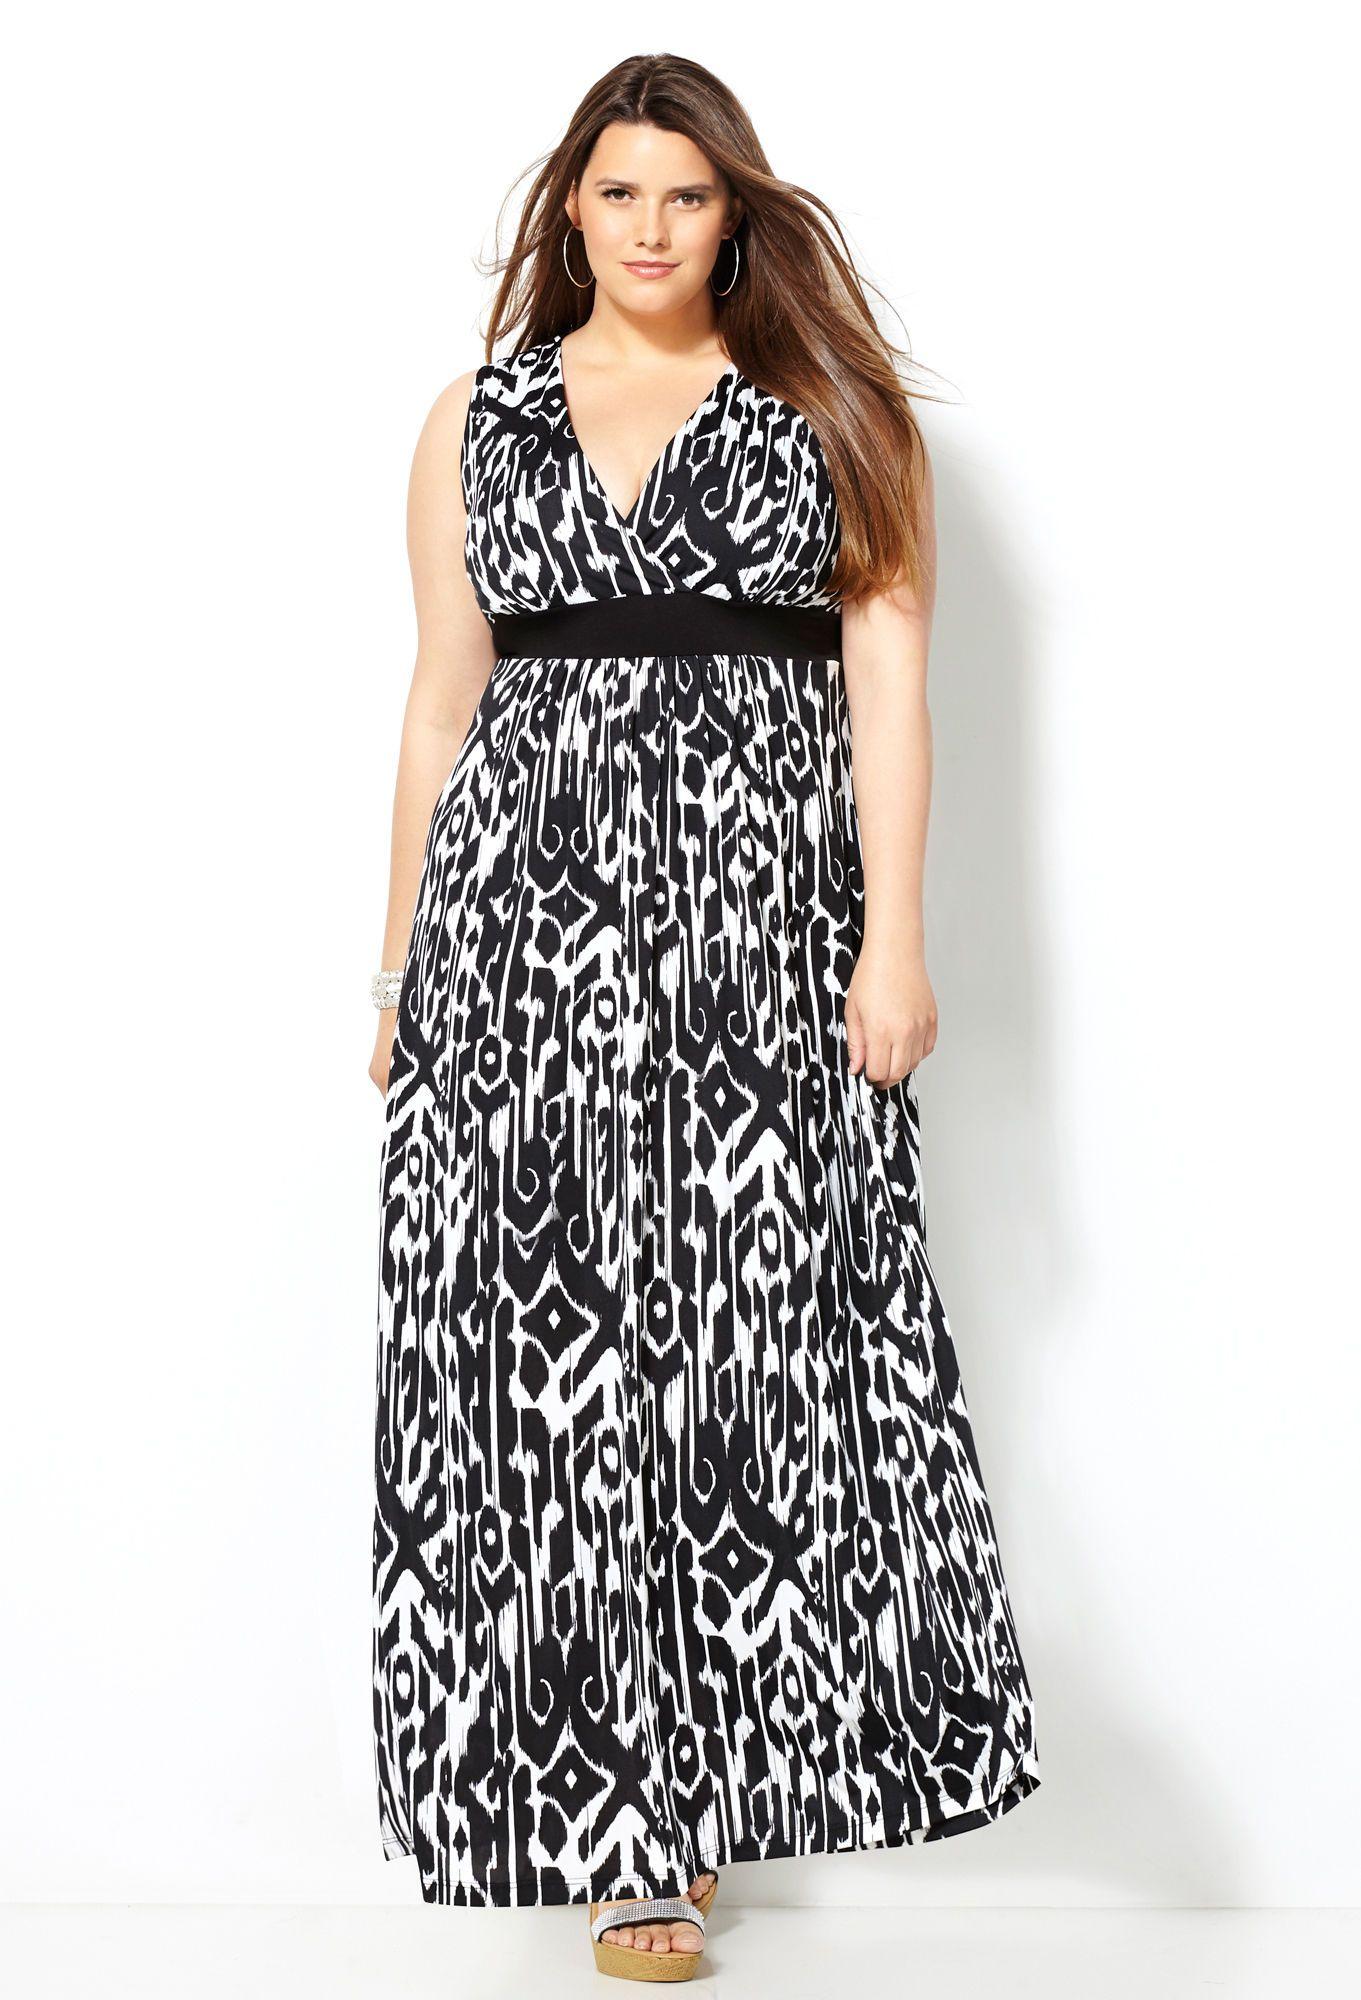 Black and White Ikat Maxi Dress-Plus Sixe Maxi Dresses ...